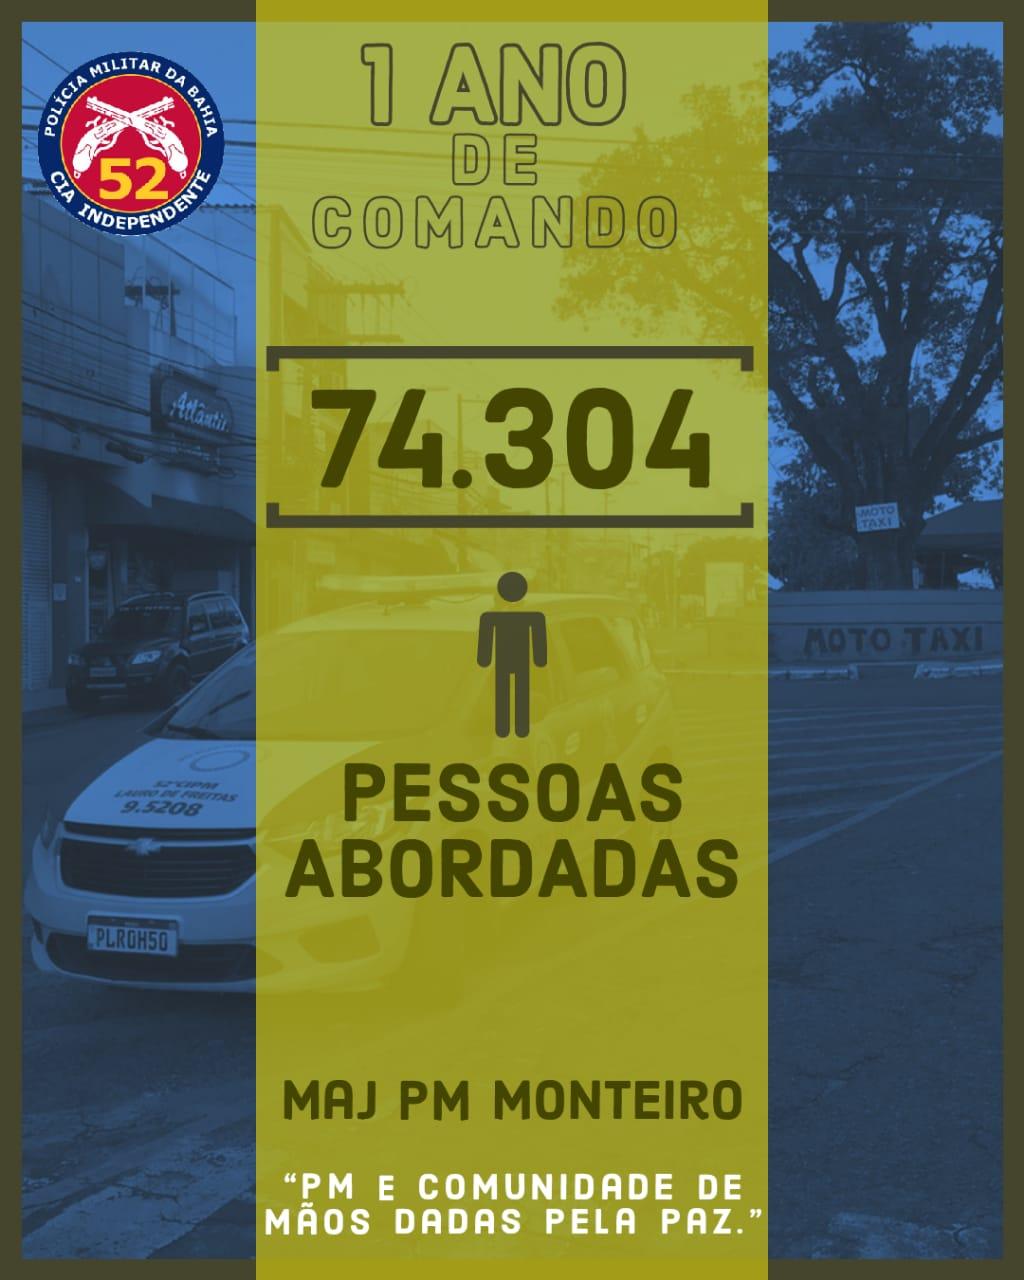 Veja o balanço da 52ª CIPM, sob o comando do Major Monteiro em um ano de companhia; mais de 74 mil pessoas abordadas